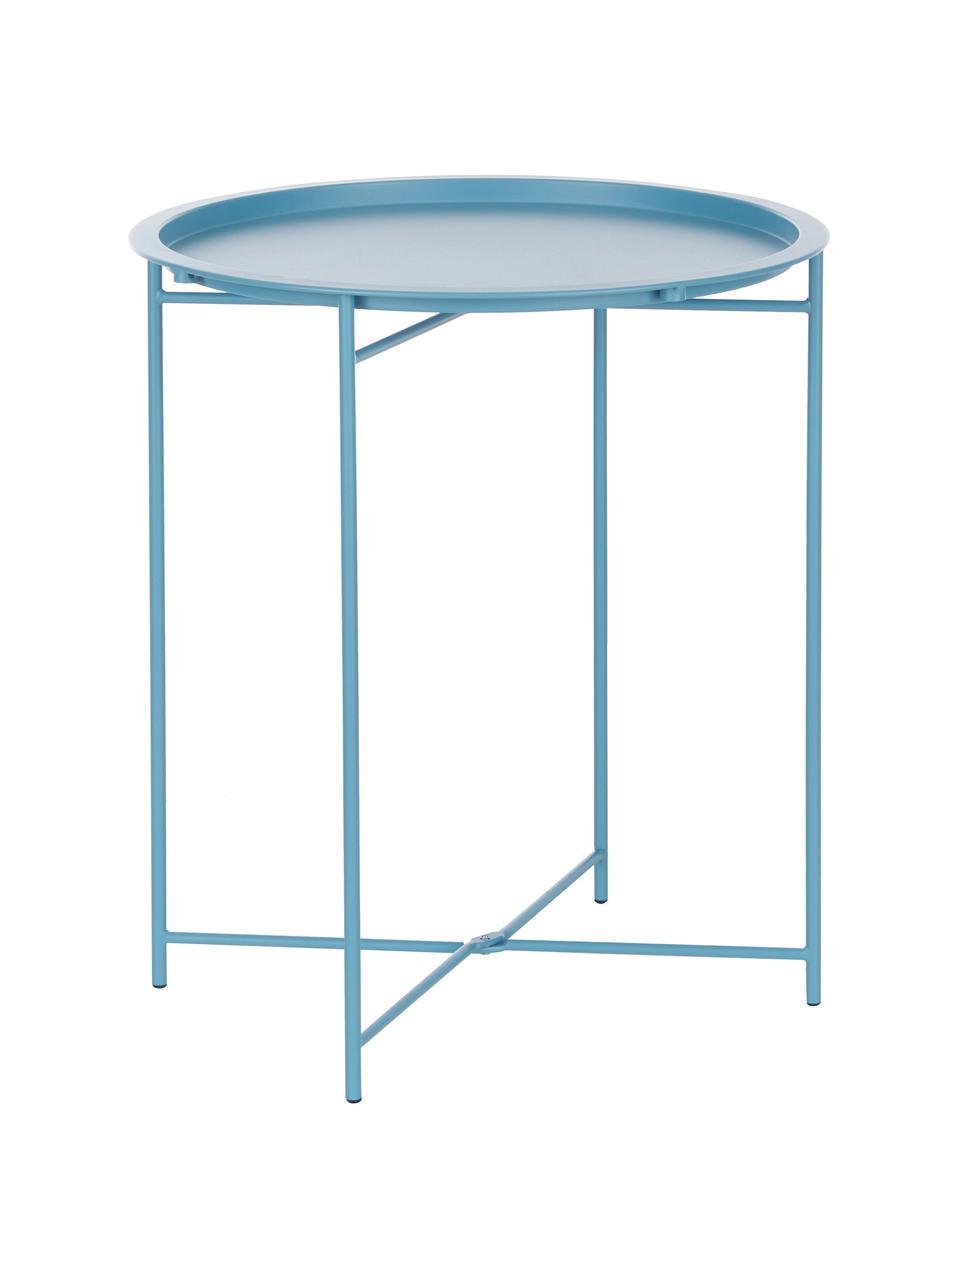 Stolik-taca z metalu Sangro, Stal lakierowana, Niebieski, Ø 46 x W 52 cm